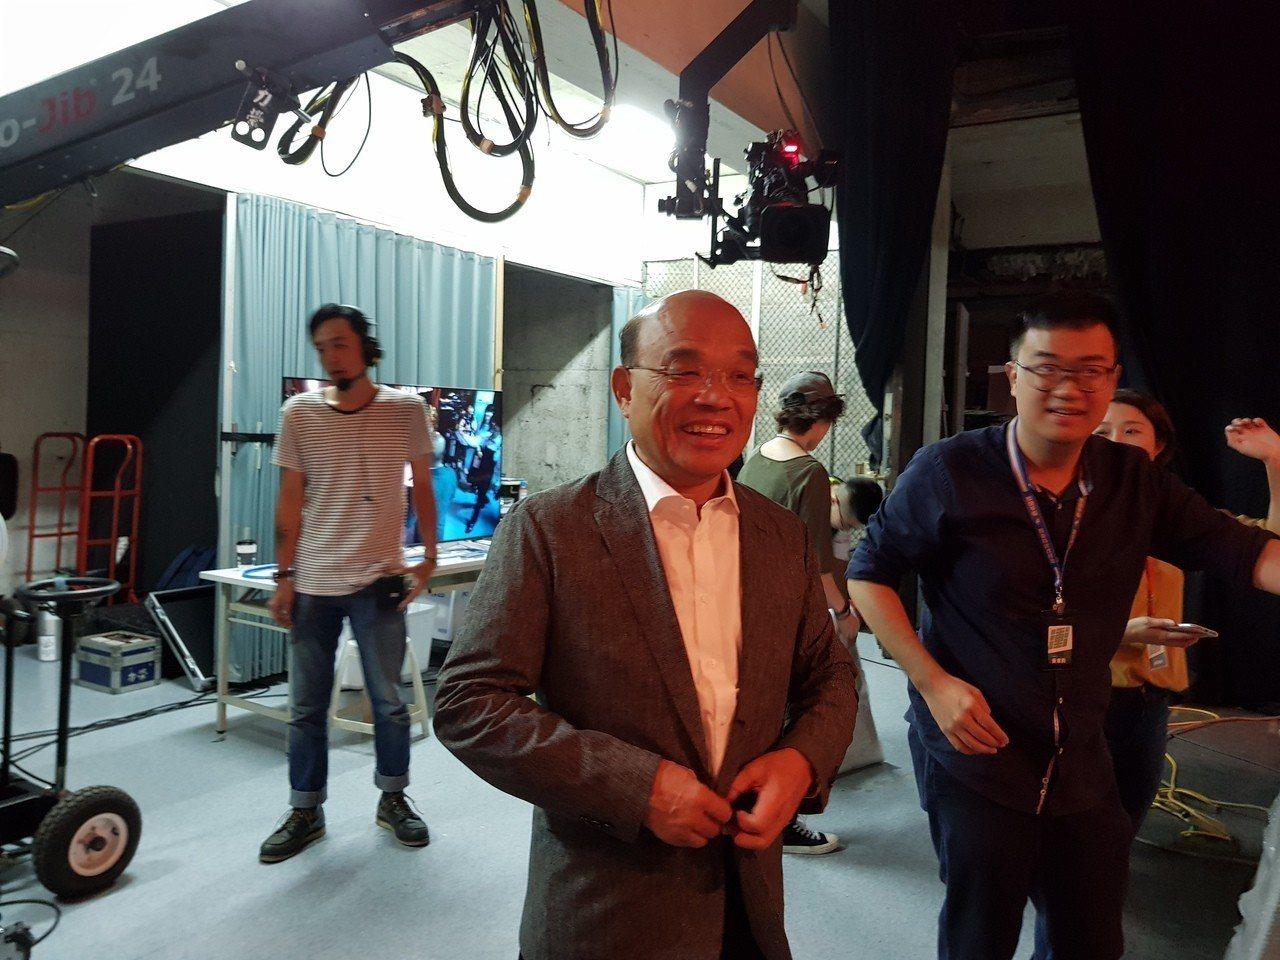 民進黨新北市長參選人蘇貞昌今天到華視上節目專訪,並接受媒體訪問。記者翁浩然/攝影